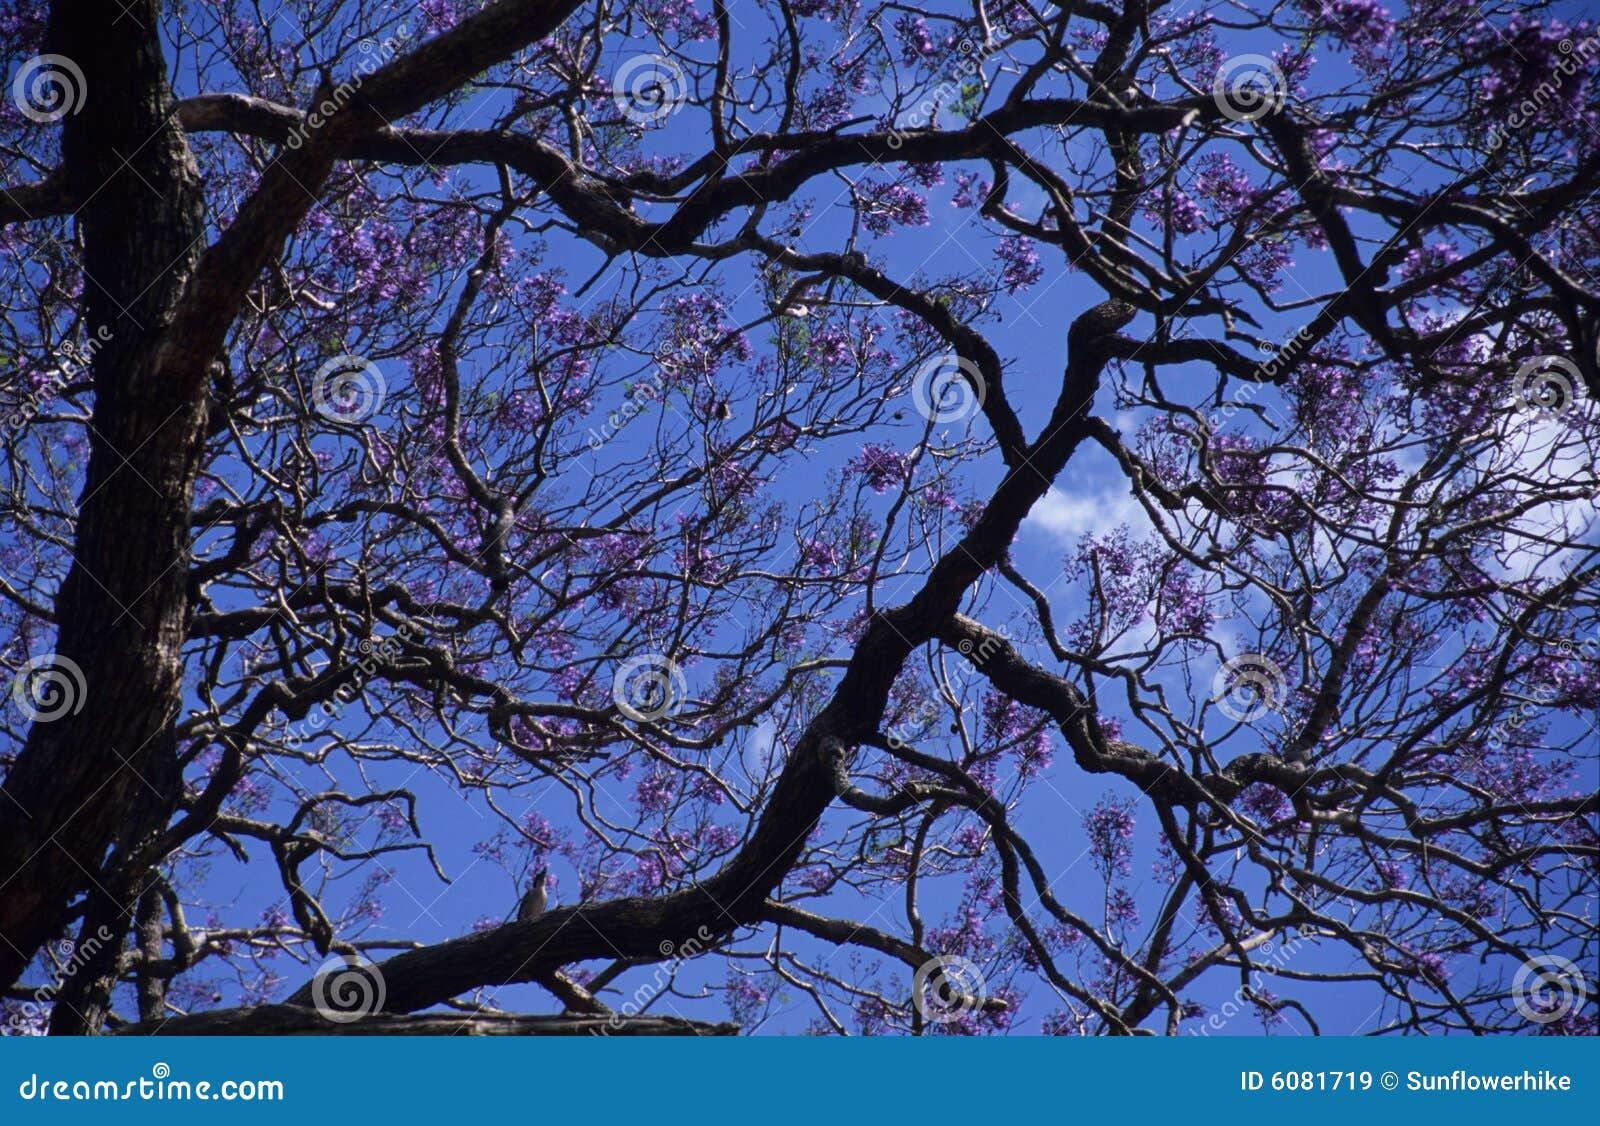 Albero con i fiori viola immagini stock libere da diritti for Albero con fiori blu